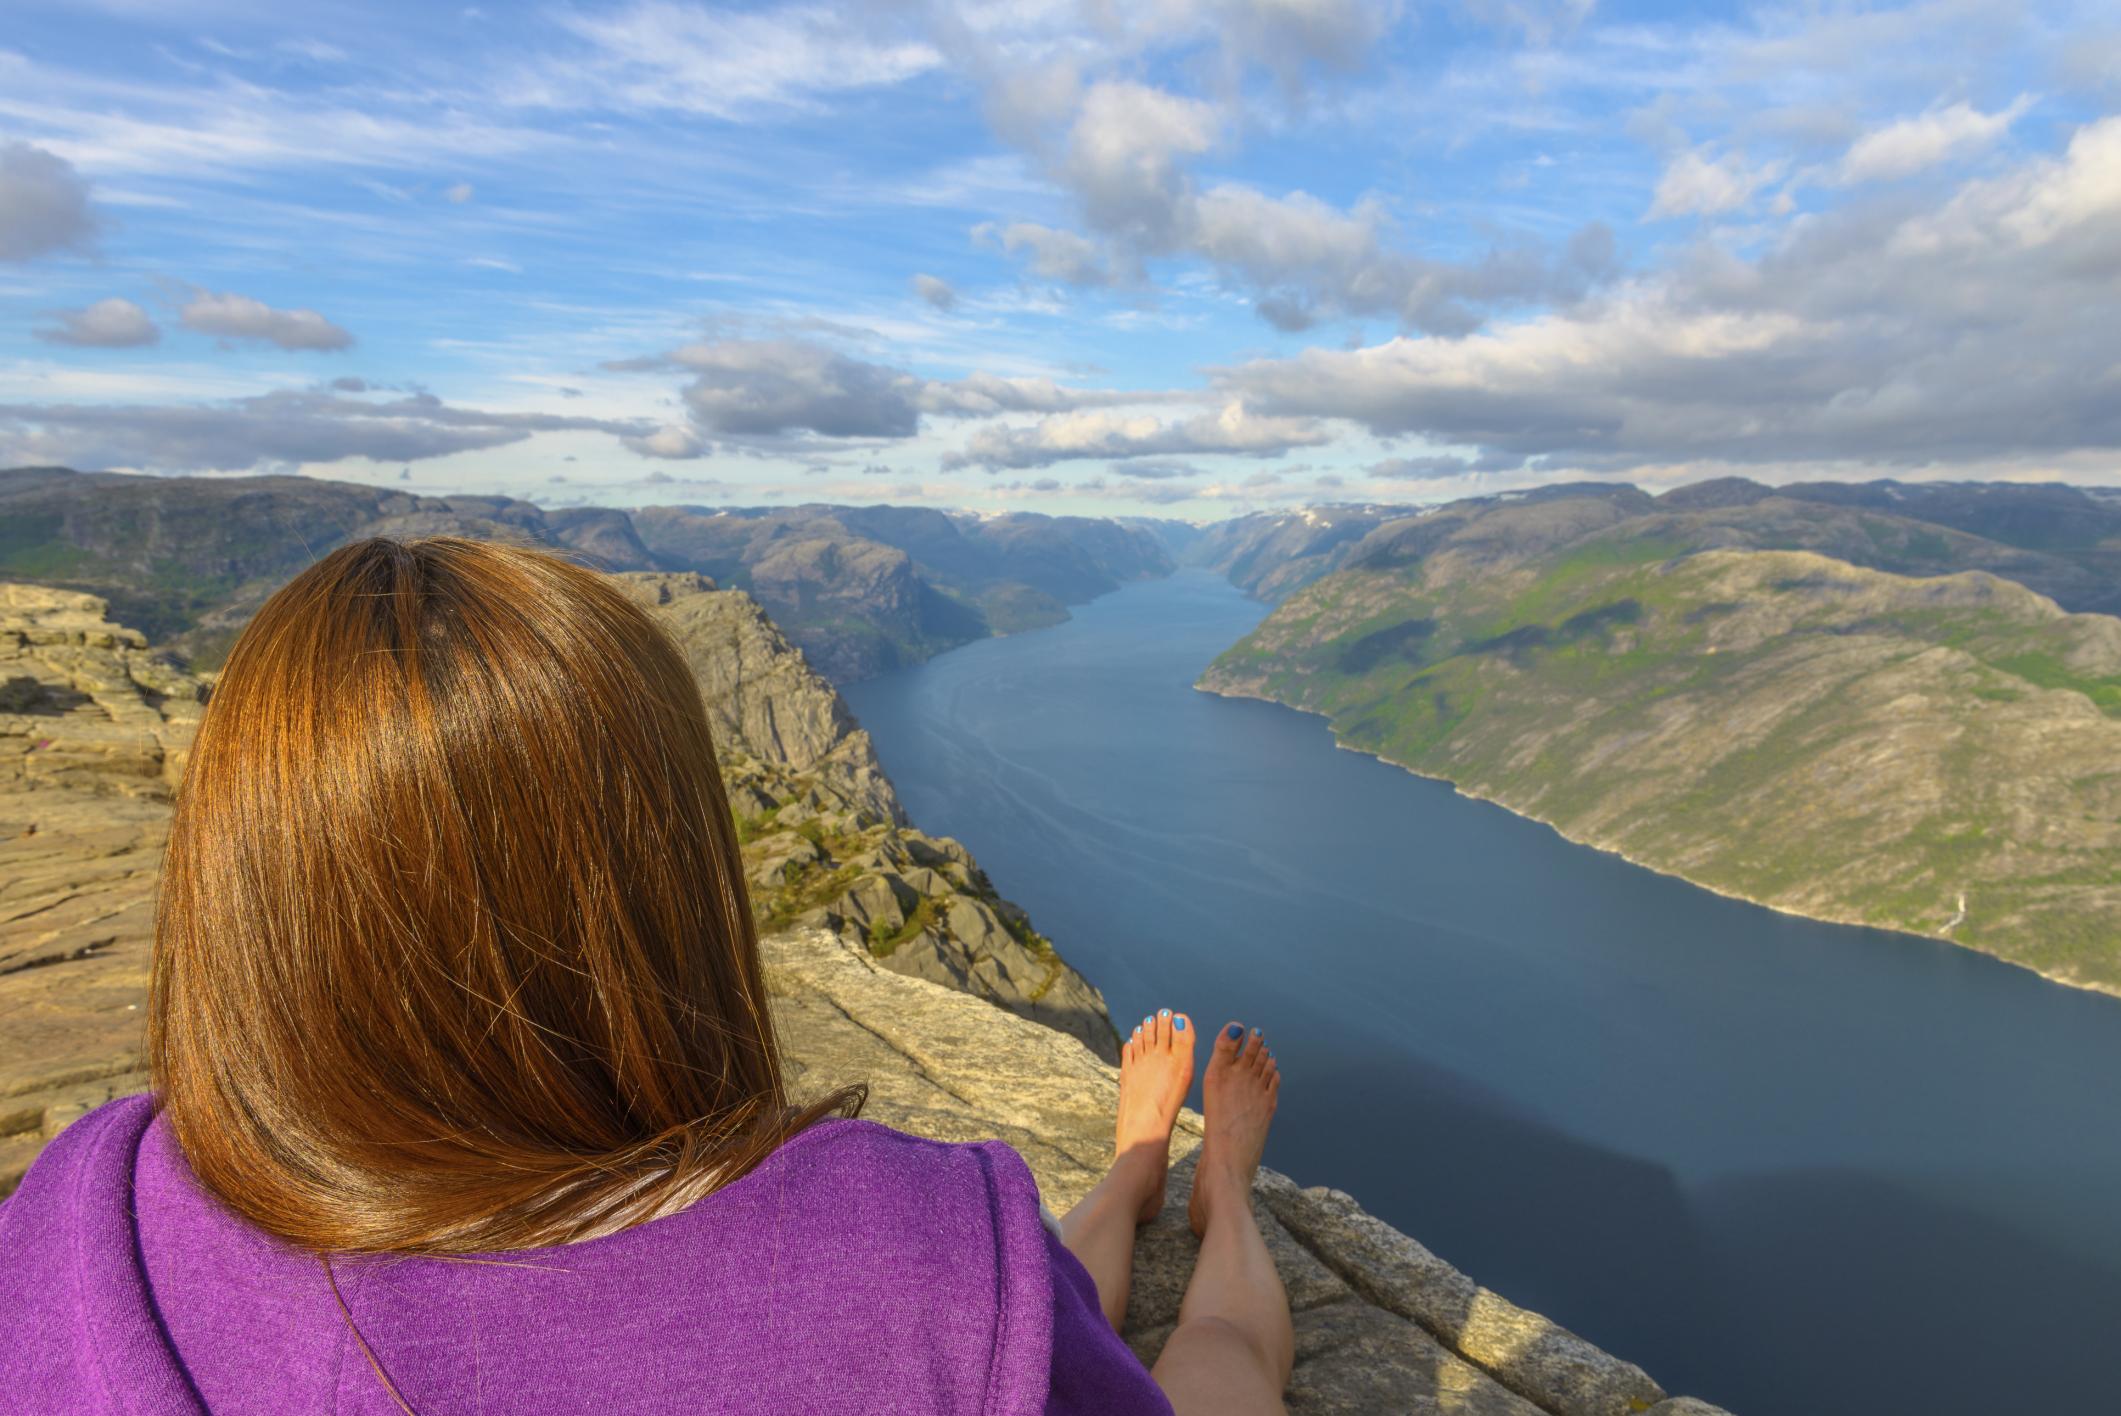 Falésias pelo mundo - Preikestolen (Pulpit Rock), Noruega